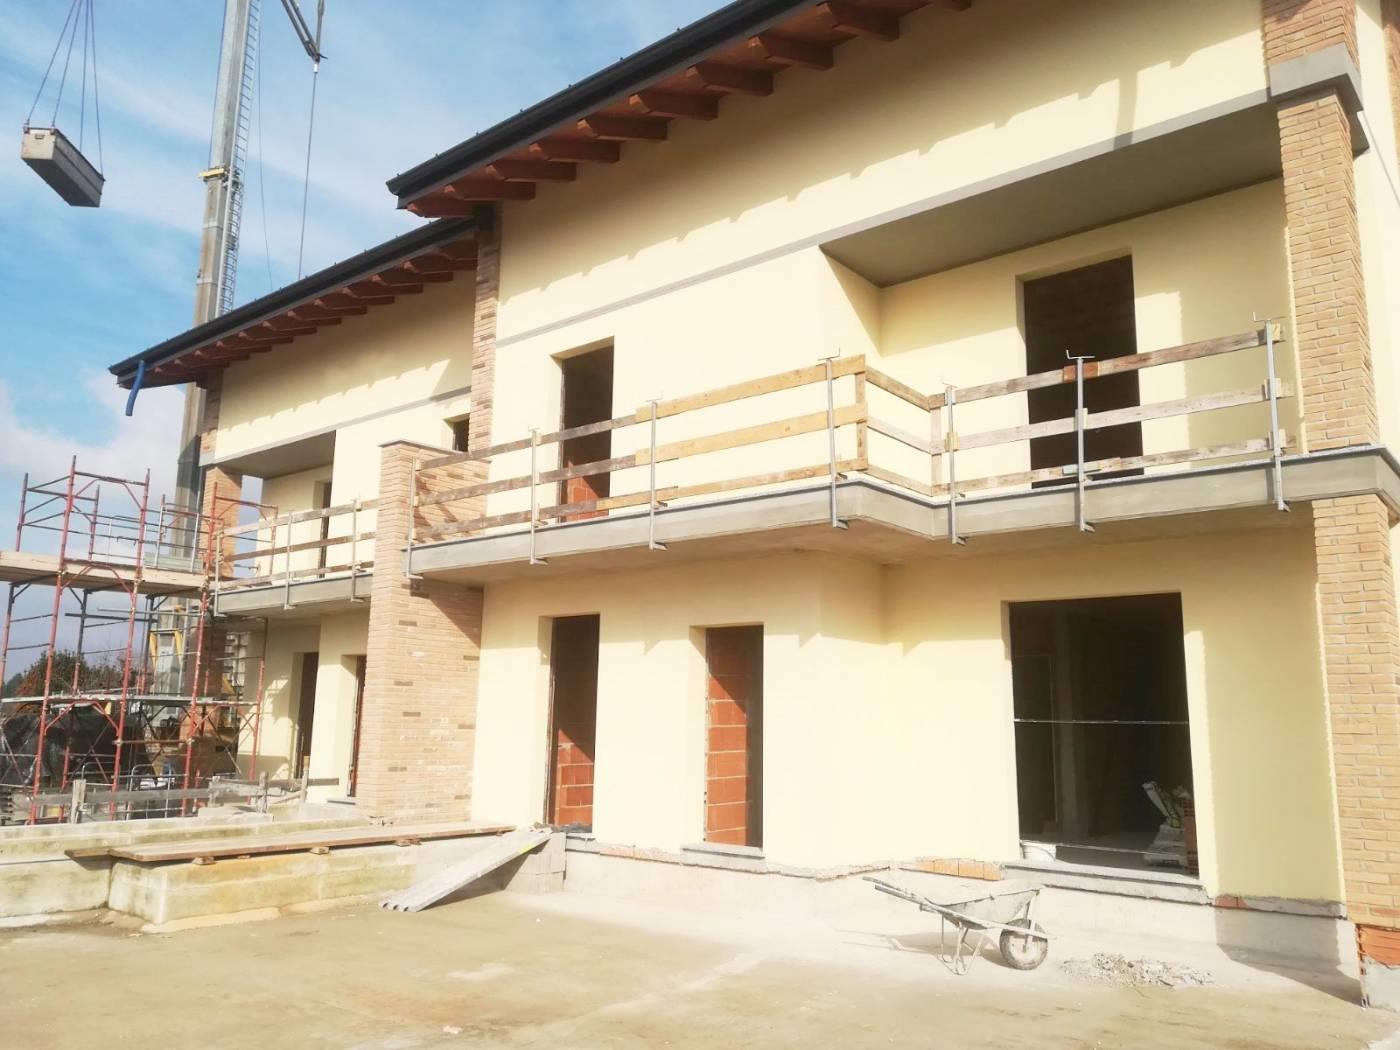 Foto 1 - Villa in Vendita - Aicurzio (Monza e Brianza)